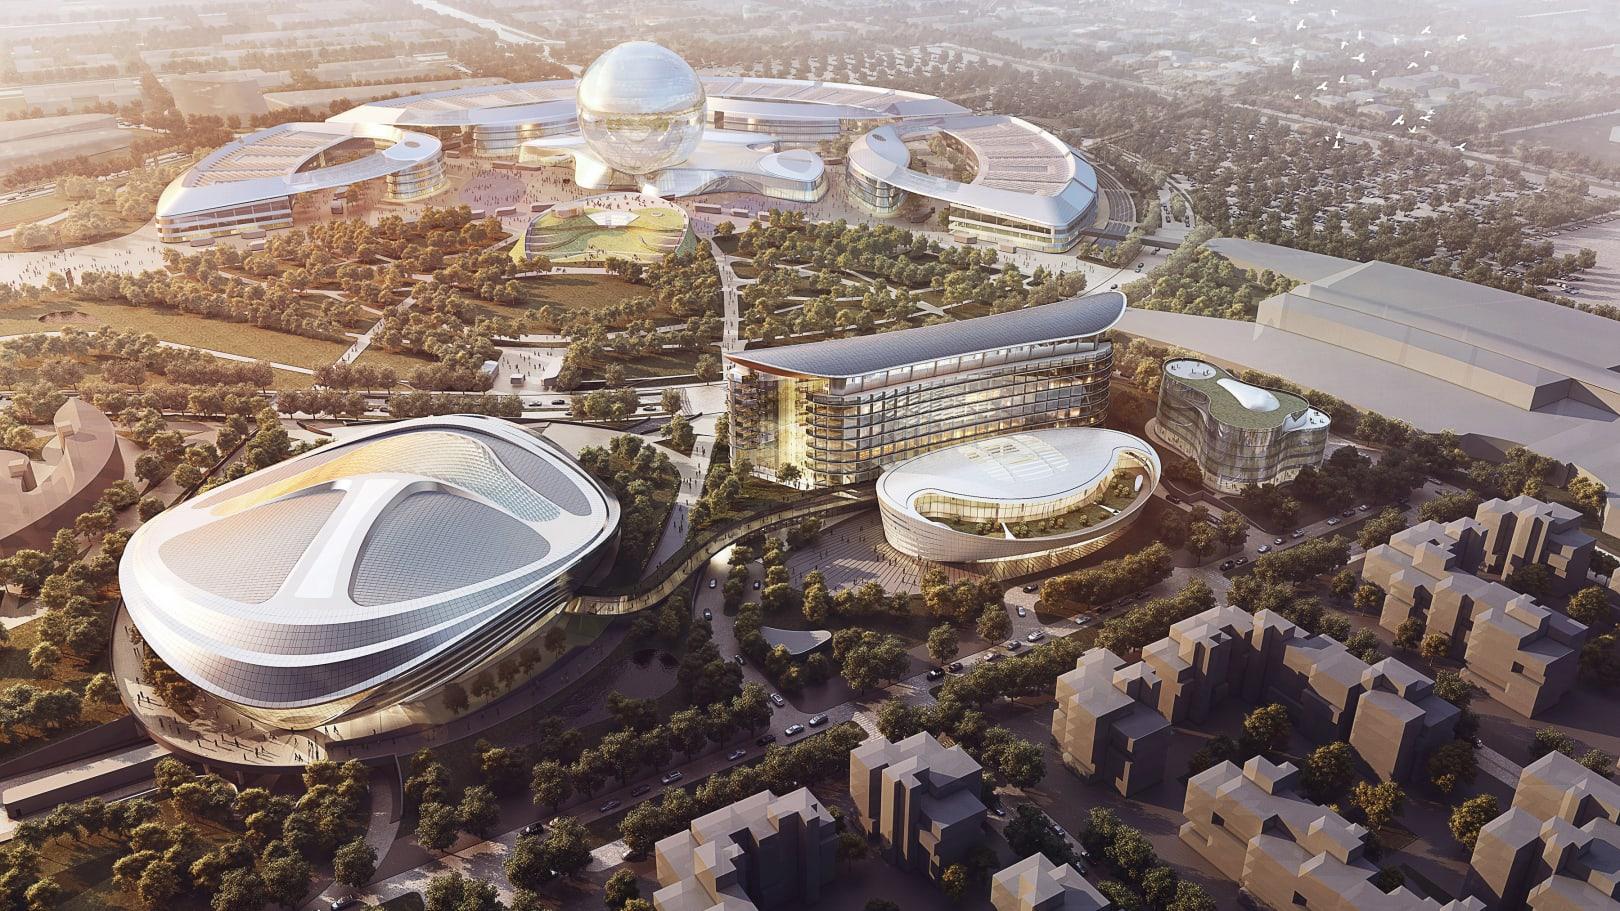 Astana overall expo site